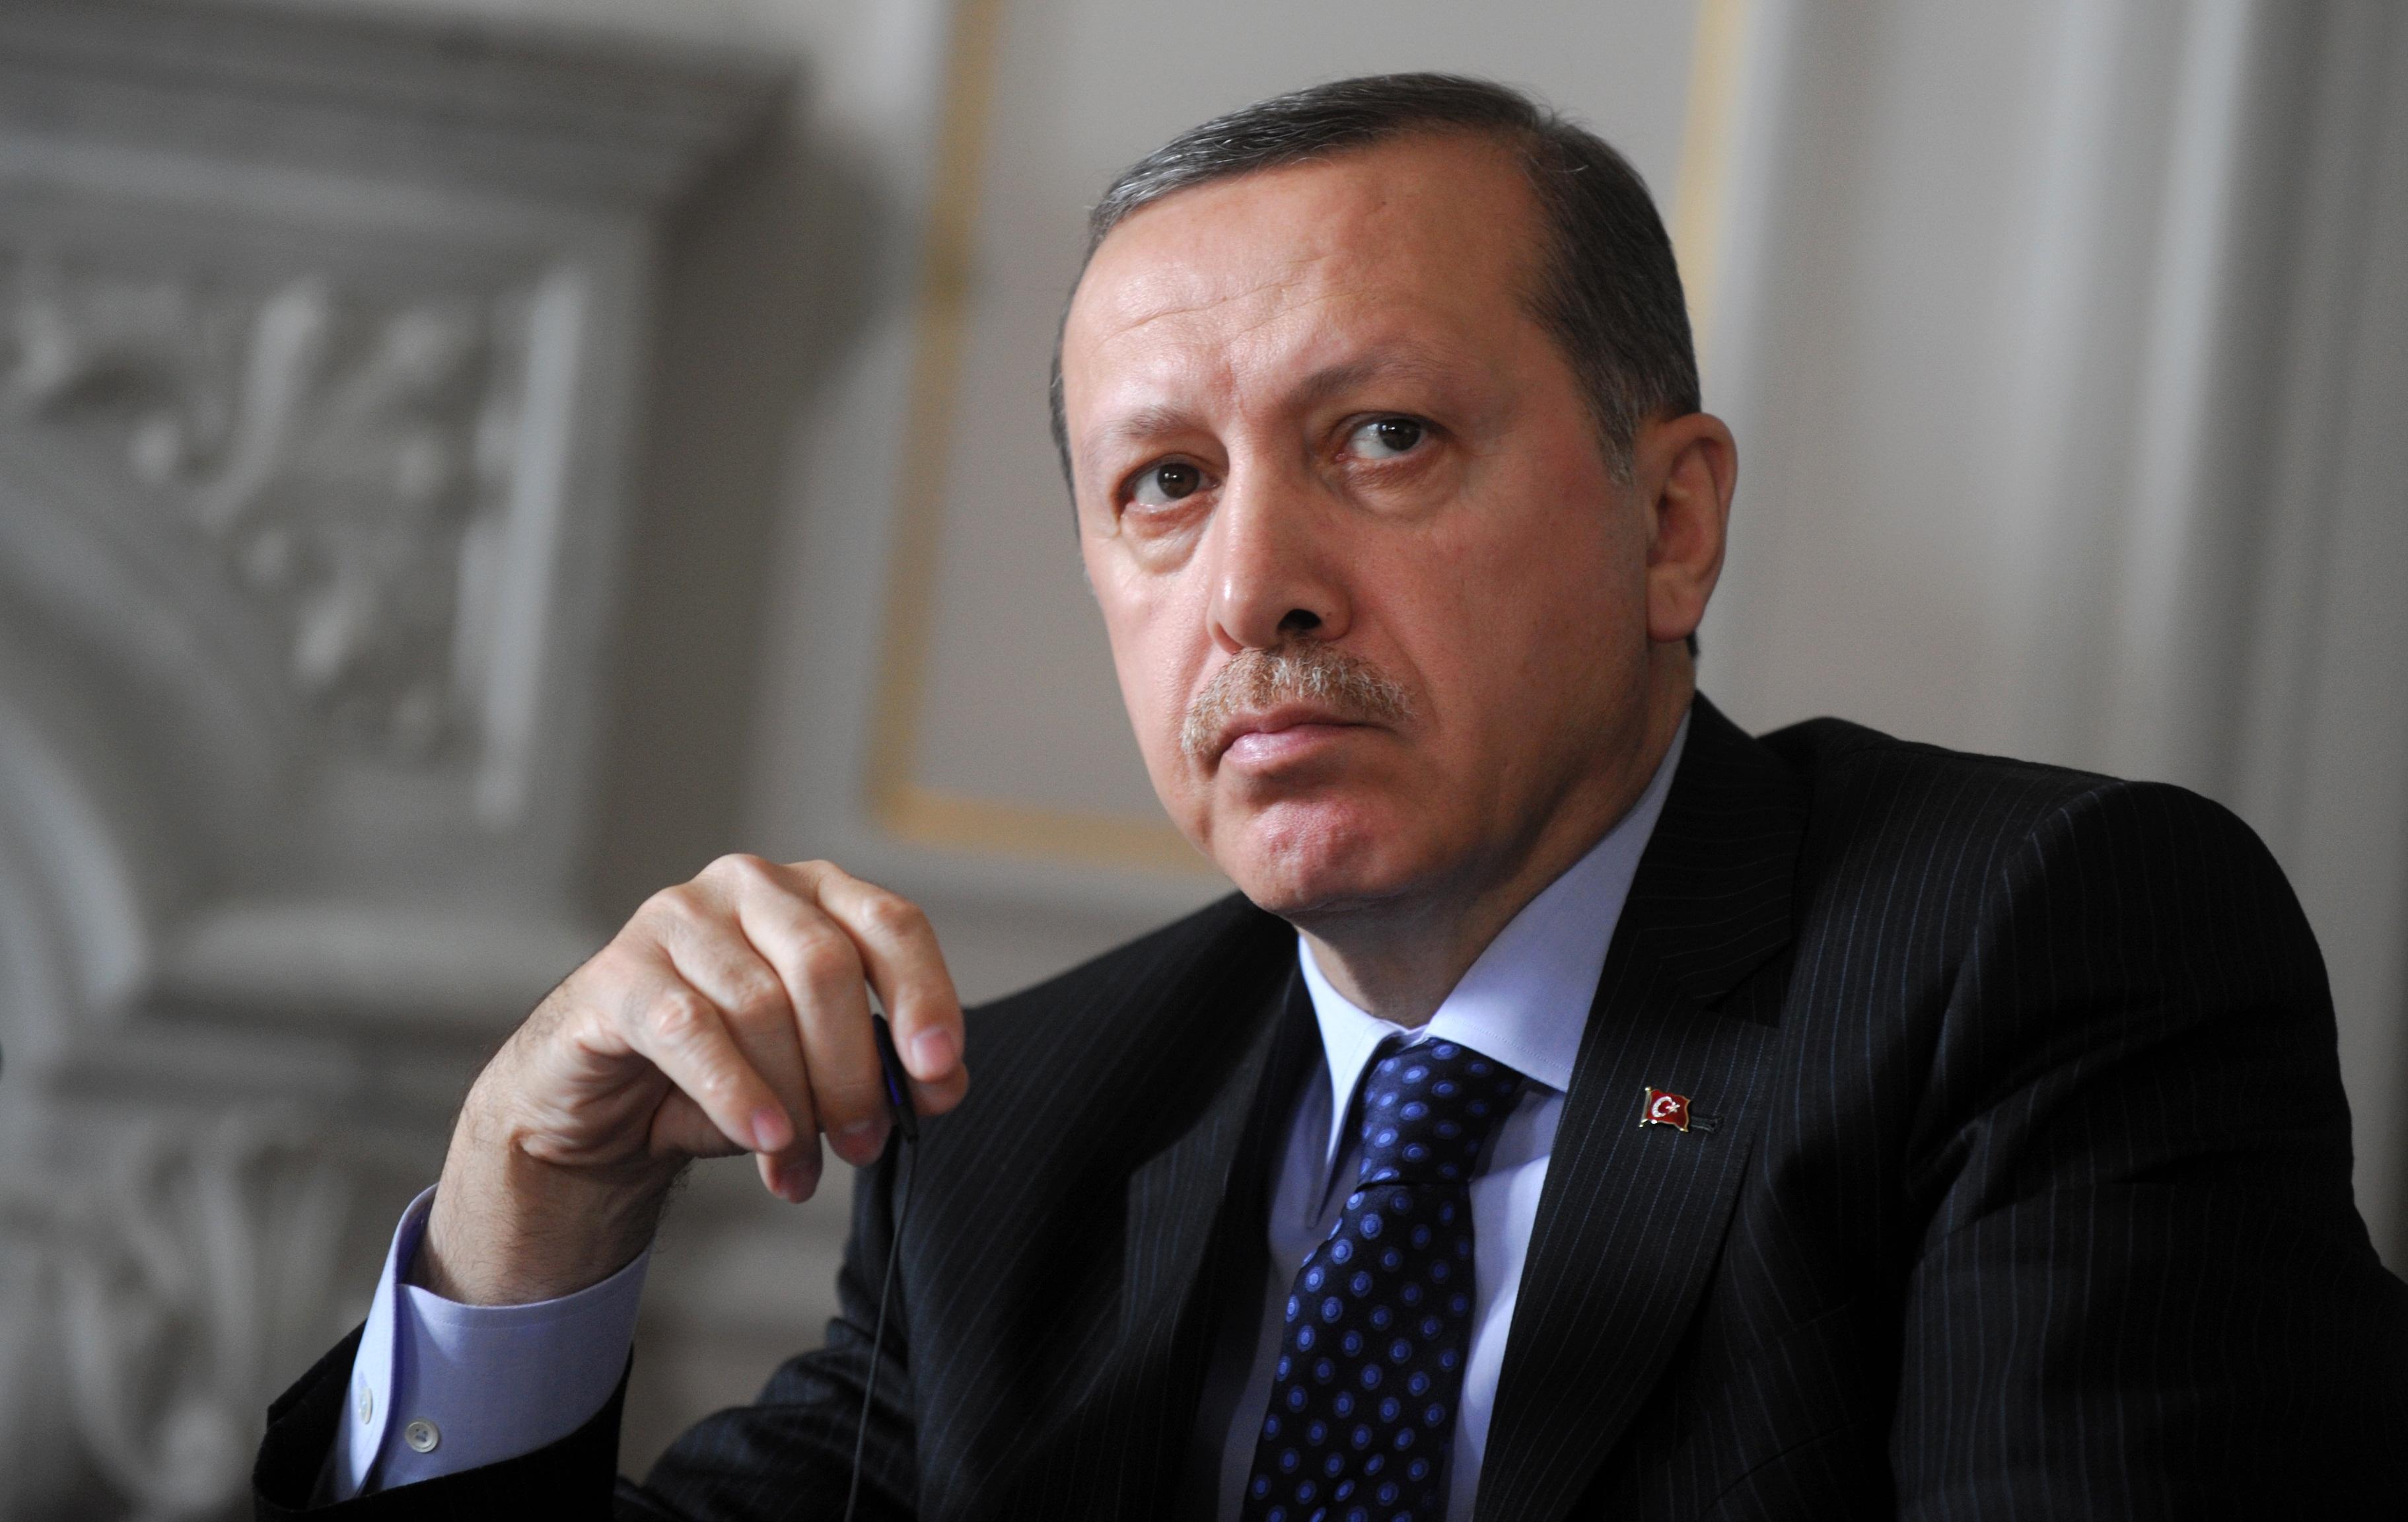 Türkei: Erdoğan tauscht Geiseln gegen ISIS-Terroristen